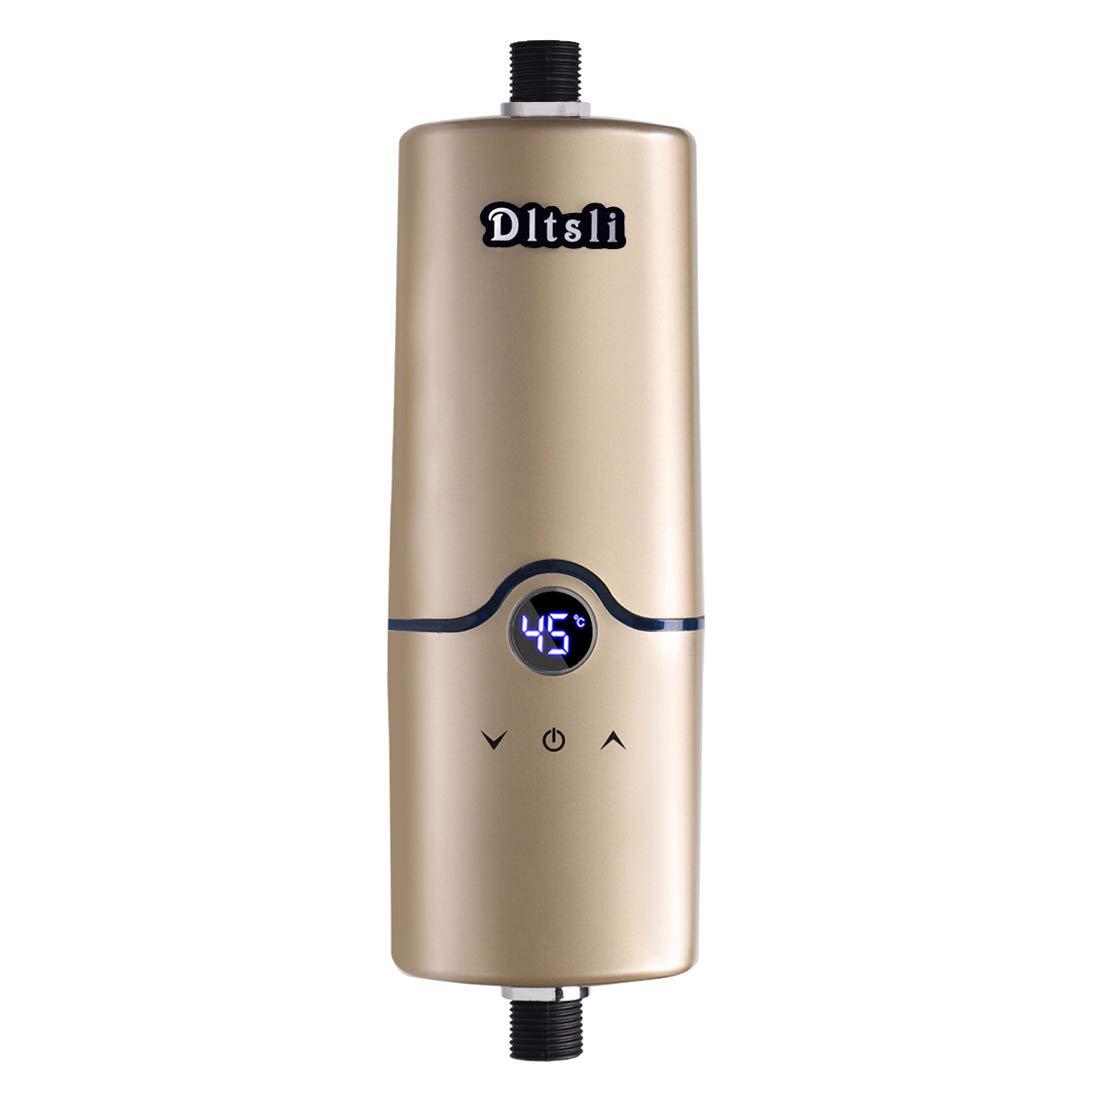 Chauffe-eau instantané chaud instantané de l'eau 240V 4 niveaux de puissance 5.5KW 5KW 4.5KW 3.5KW pour la couleur de salle de bains de cuisine d'or LOUTY